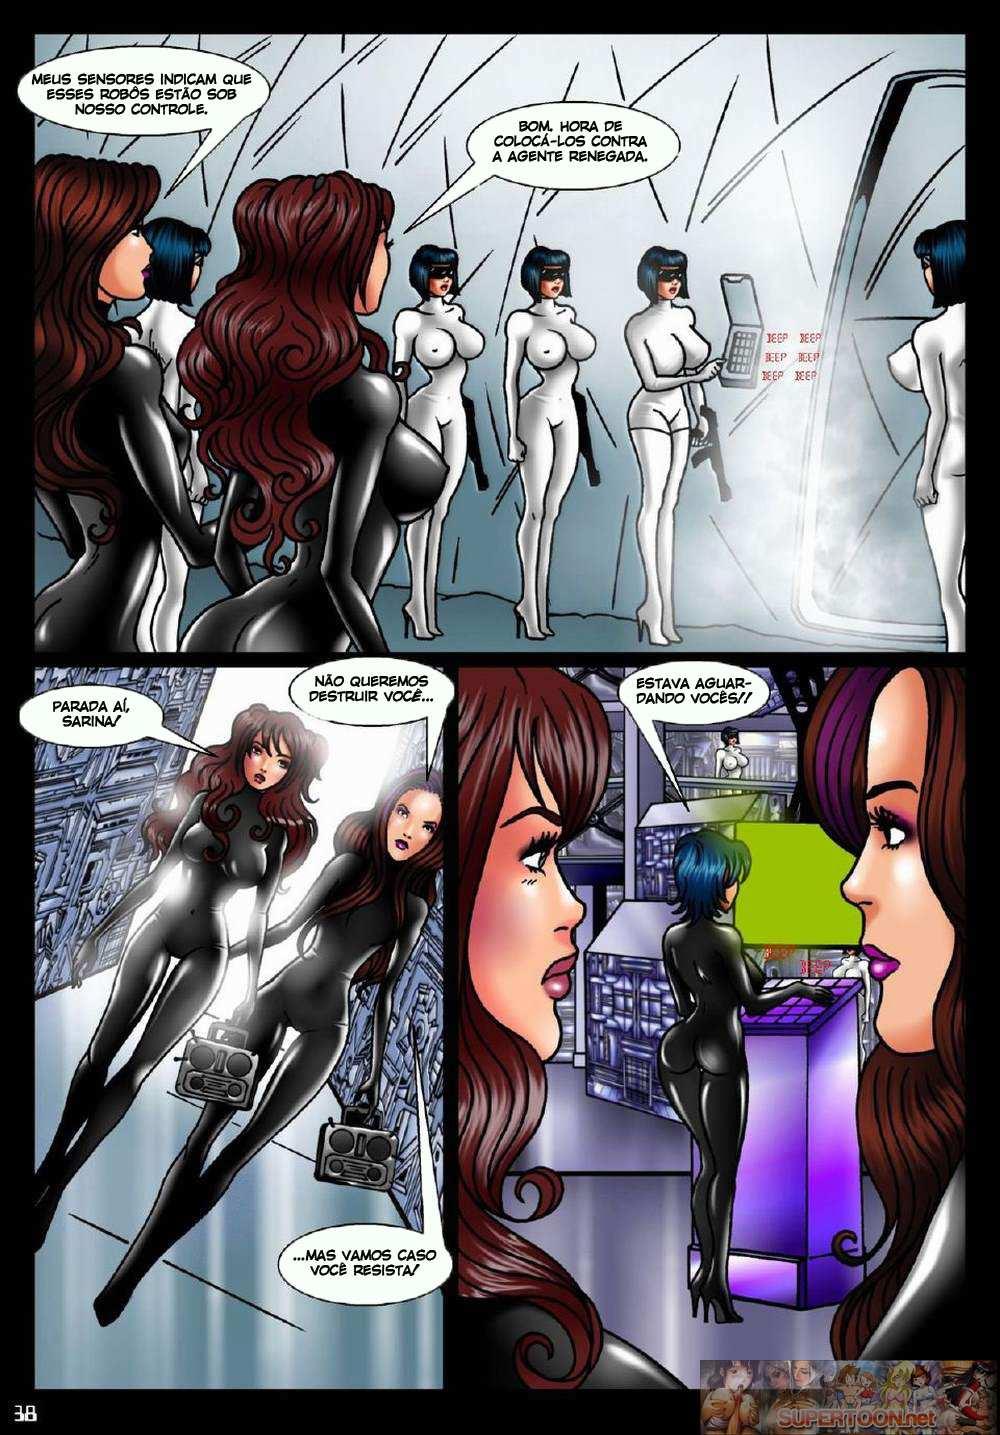 Robôs renegadas – Quadrinhos de sexo